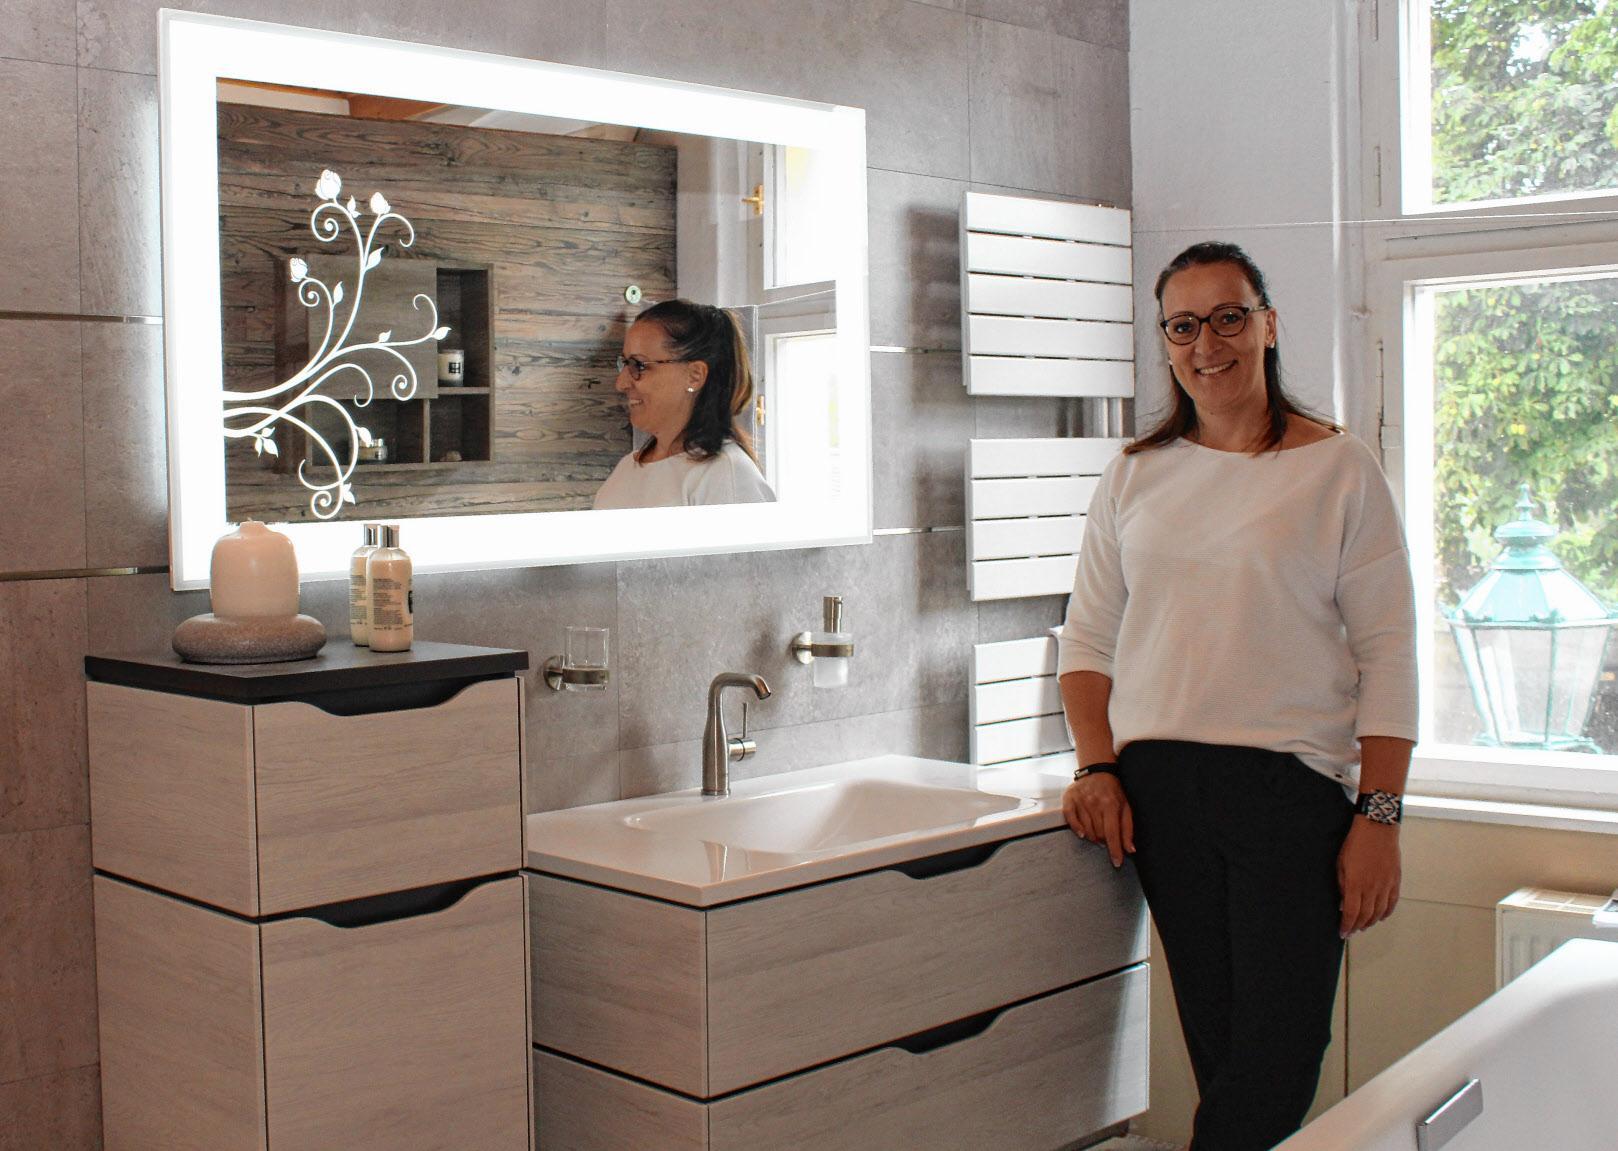 Nicole Munko freut sich, am 21. September ihre neue Badausstellung präsentieren zu können. FOTO: RONNEY MENZE